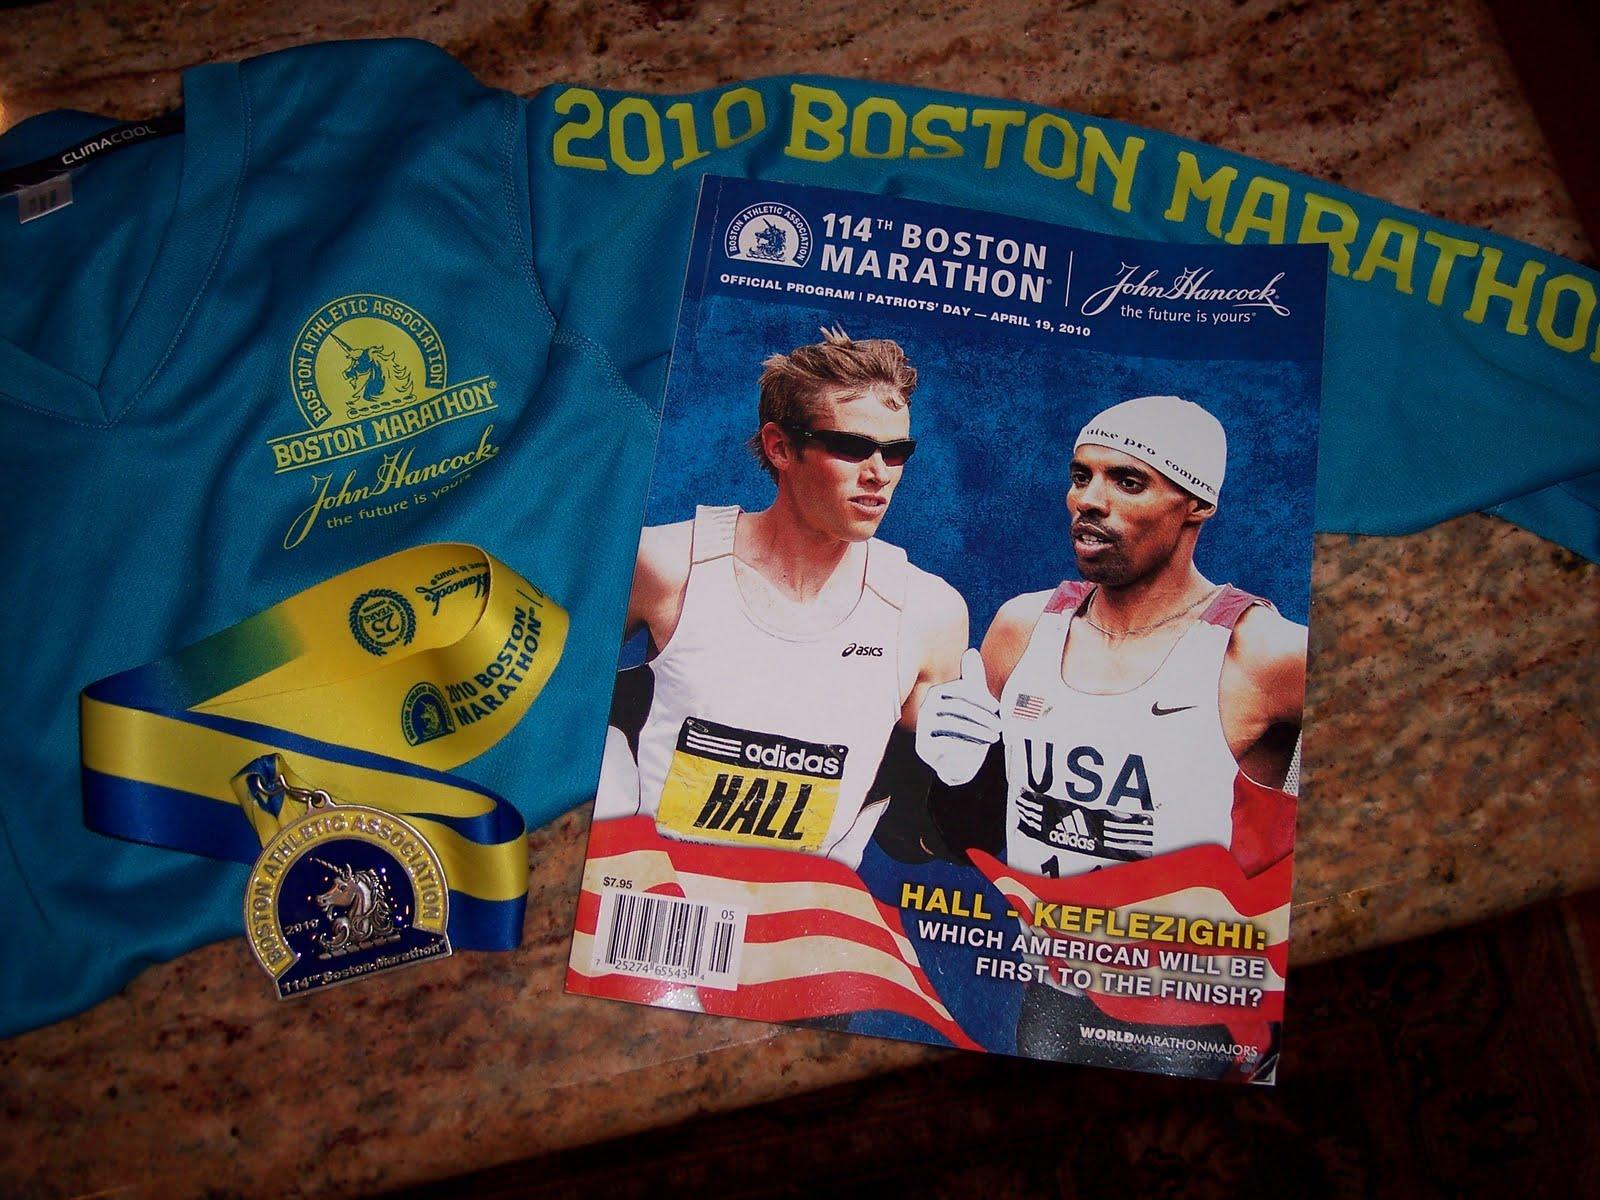 http://4.bp.blogspot.com/_O8QlpEcixH8/S9tagO1ycmI/AAAAAAAABcQ/98M4ra0xNag/s1600/Boston+2010.JPG